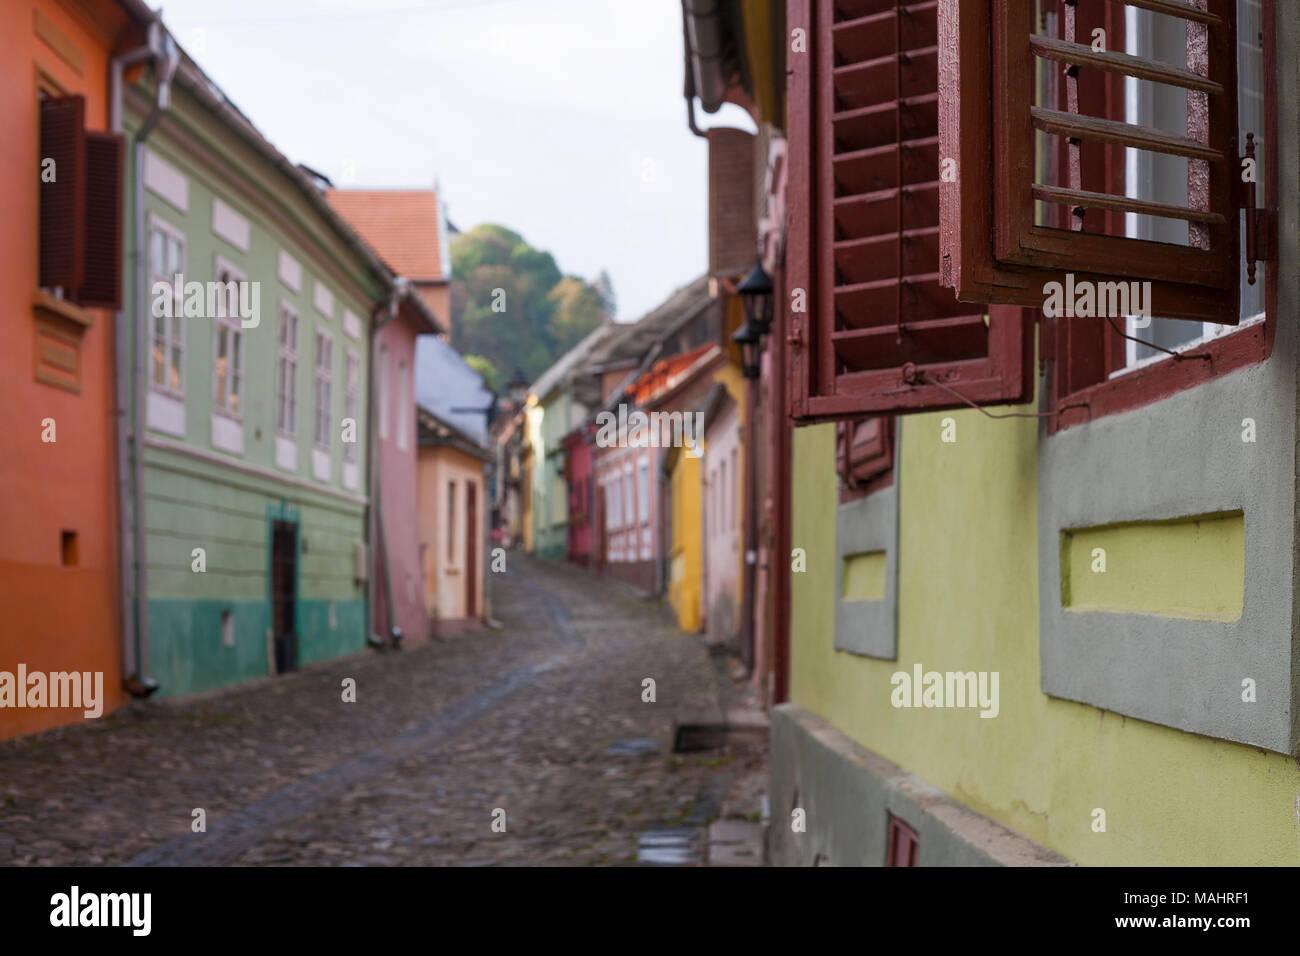 Gepflasterten Straßen führen vorbei an bunten alten Häusern zur Zitadelle in Sighisoara, Rumänien Stockfoto